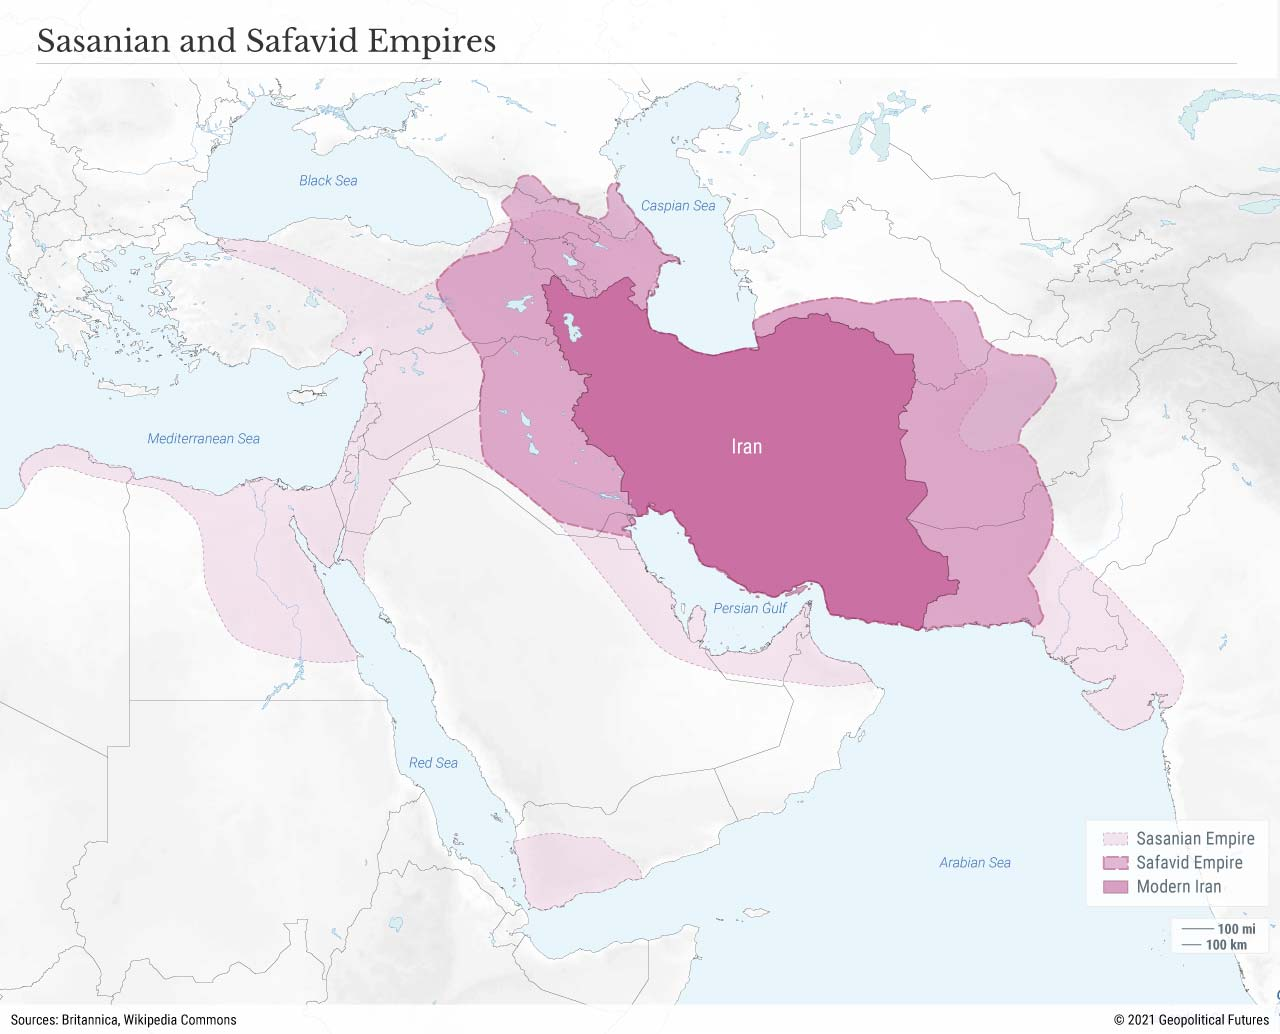 Sasanian and Safavid Empires